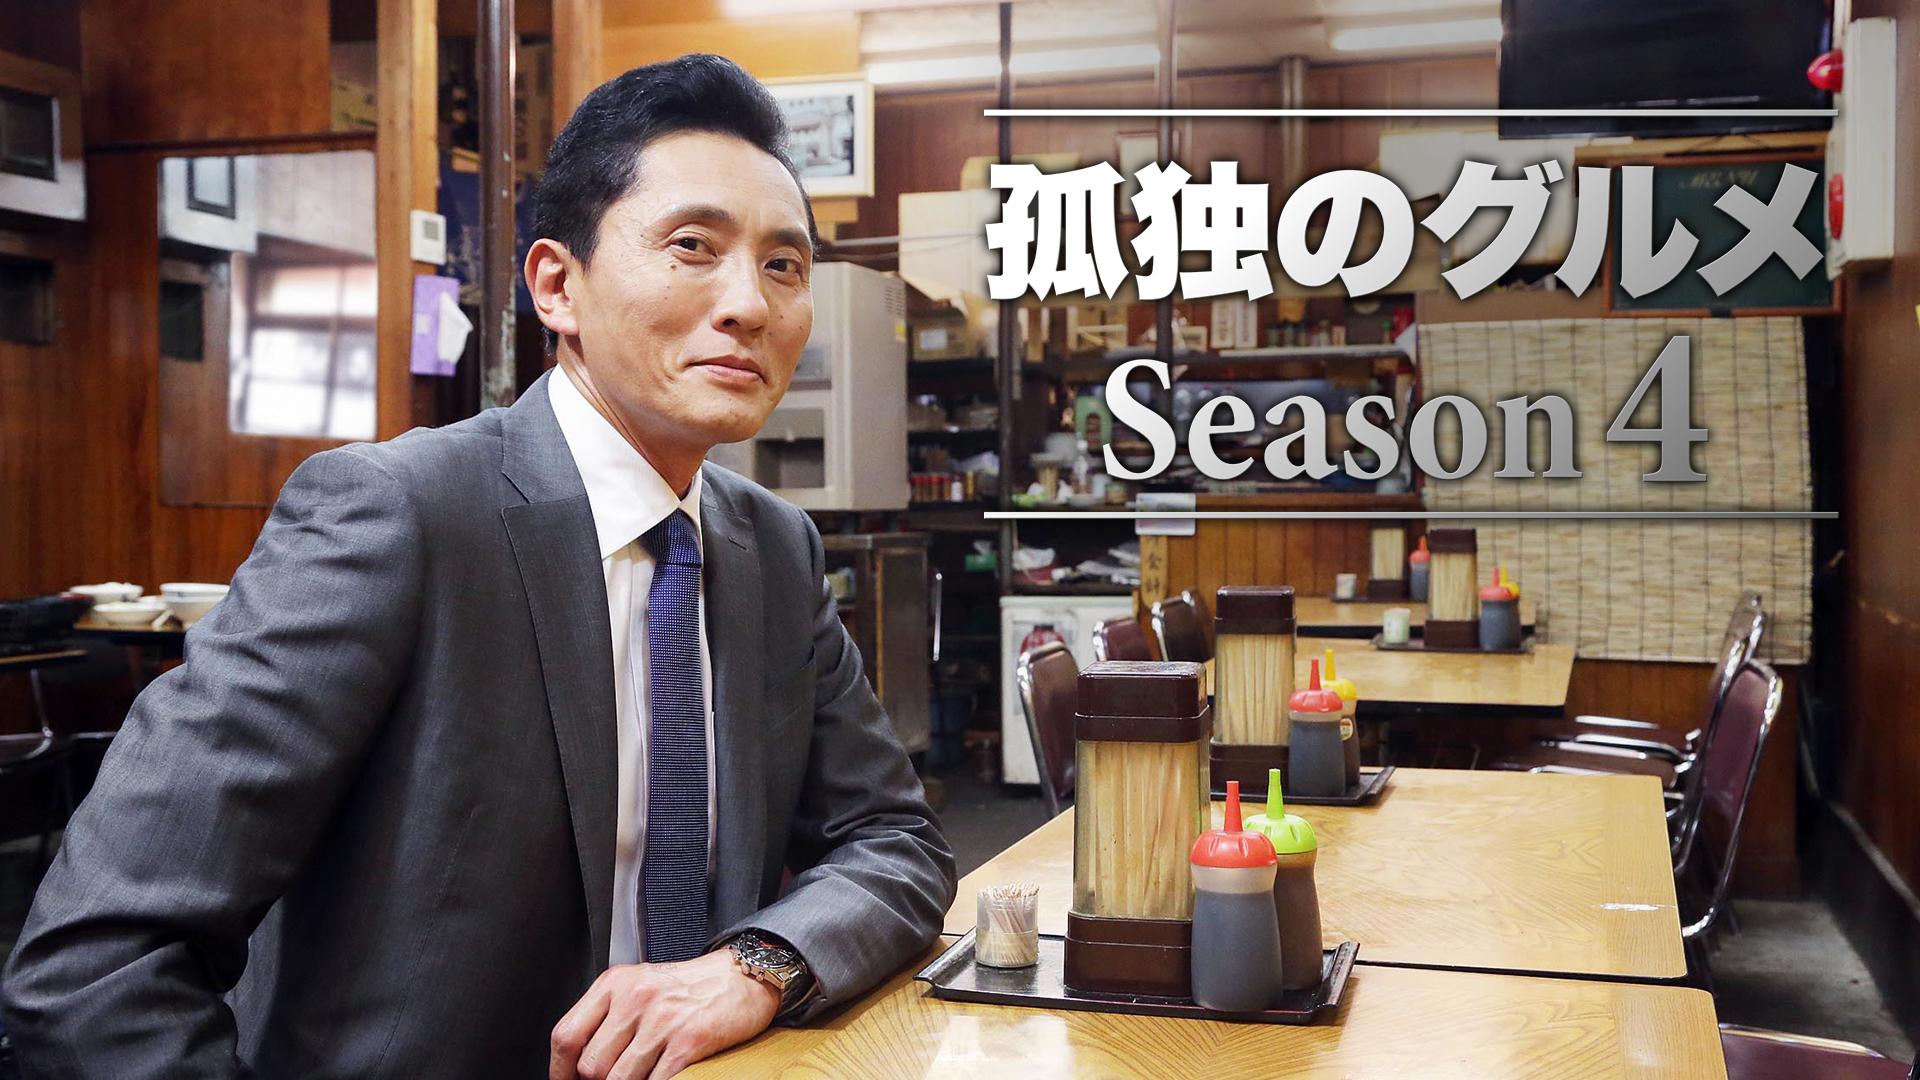 孤独のグルメ Season4の動画 - 孤独のグルメ 大晦日スペシャル~食べ納め!瀬戸内出張編~